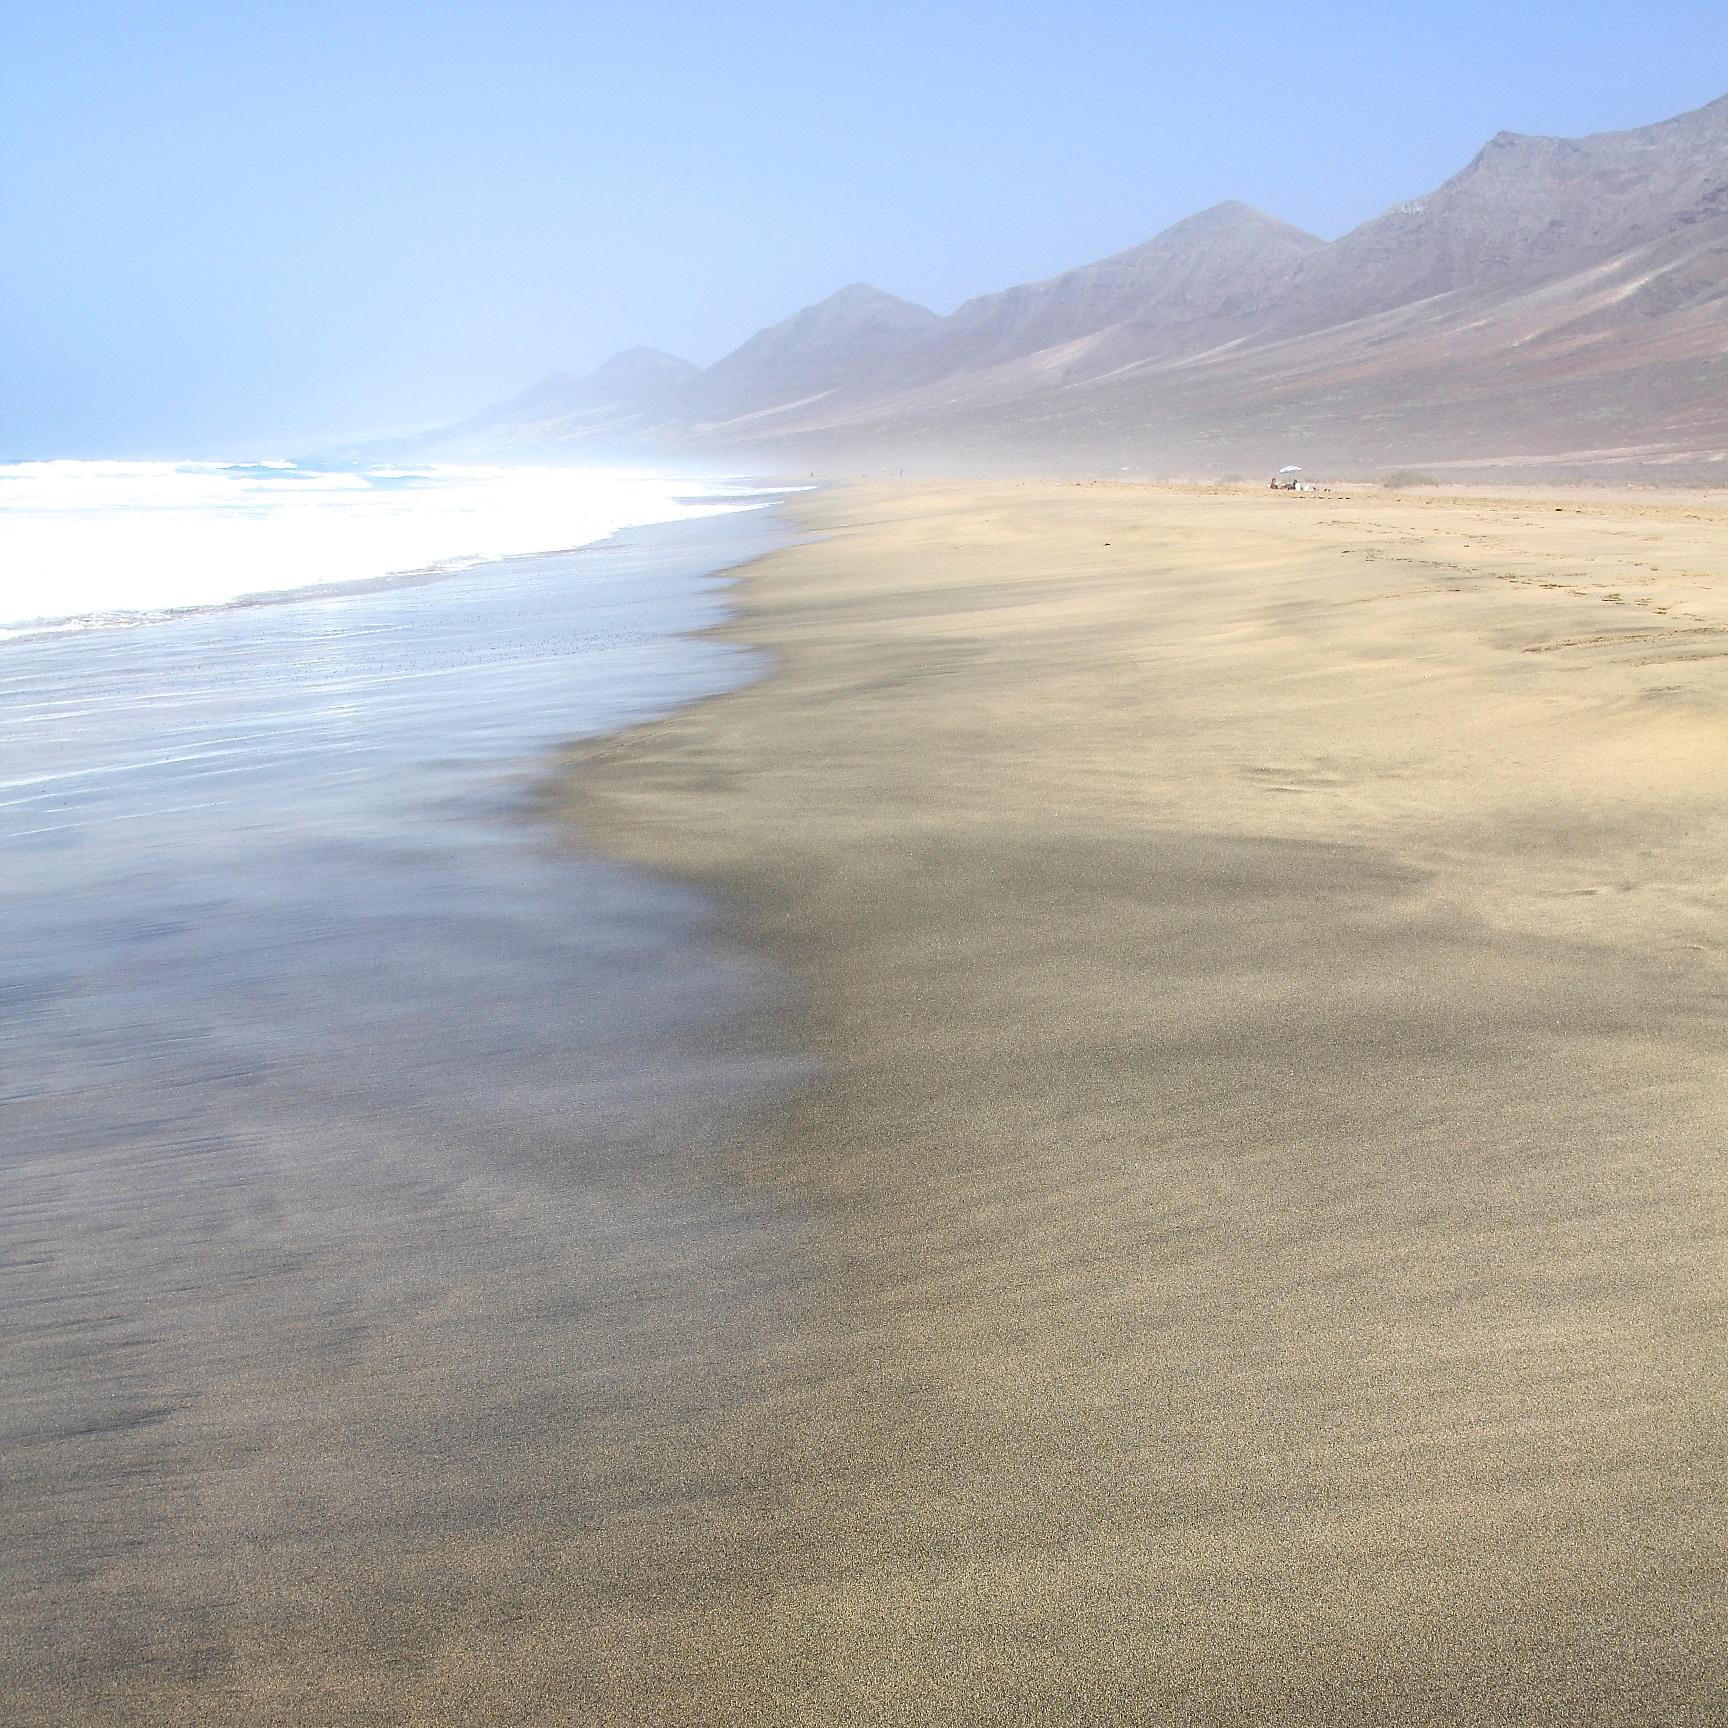 Playa y compras, tandem perfecto en Fuerteventura